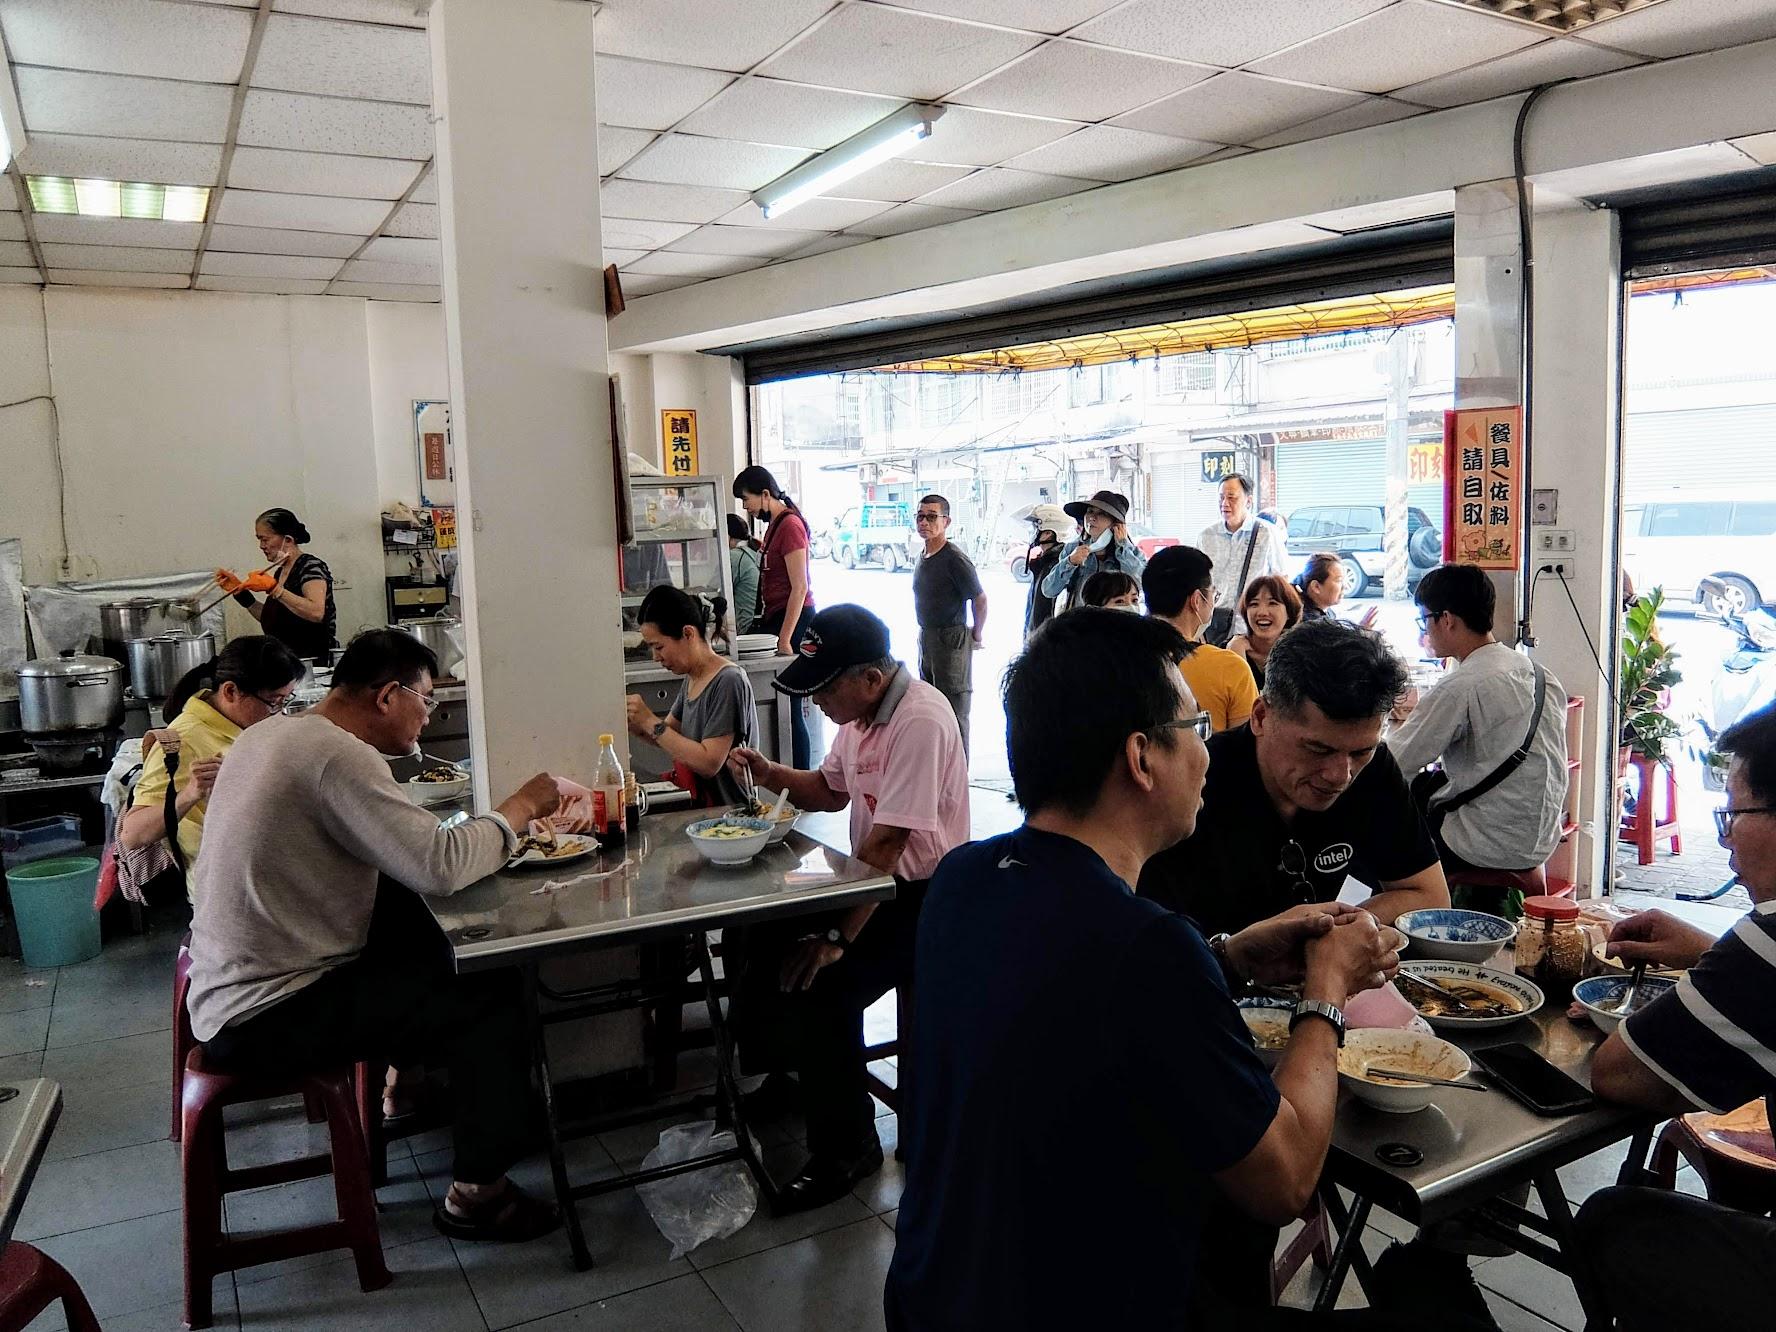 餐廳內一景,沒有冷氣,座位全滿,基本上都是併桌用餐XD